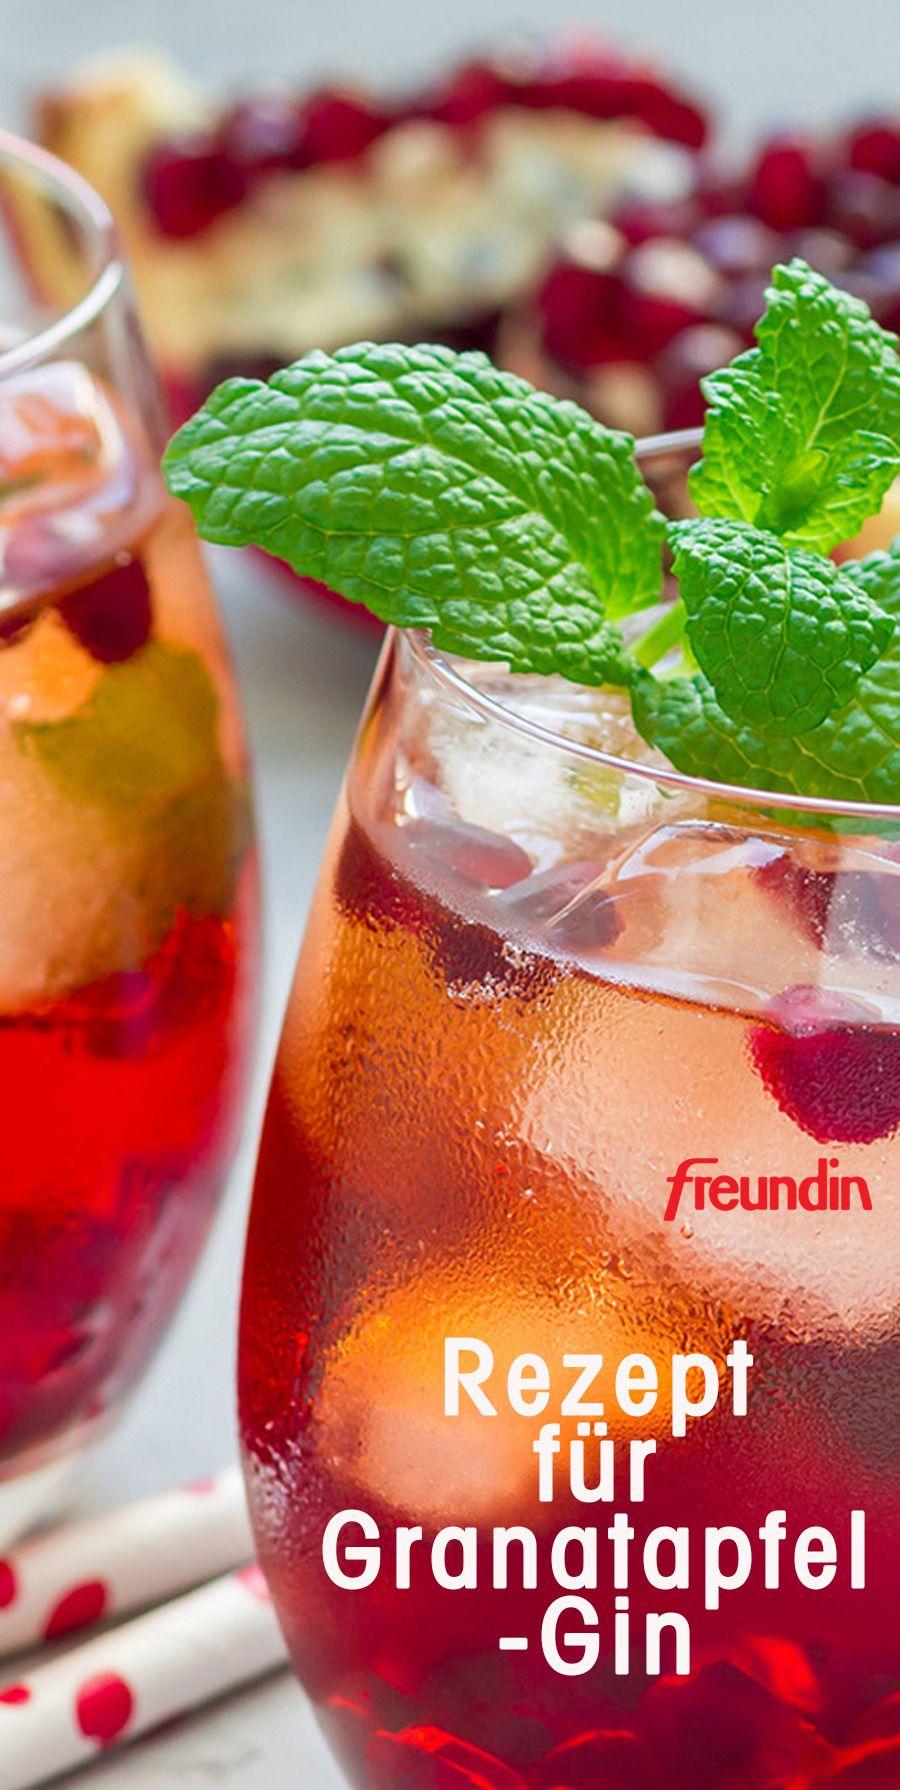 Rezept für Granatapfel-Gin | freundin.de